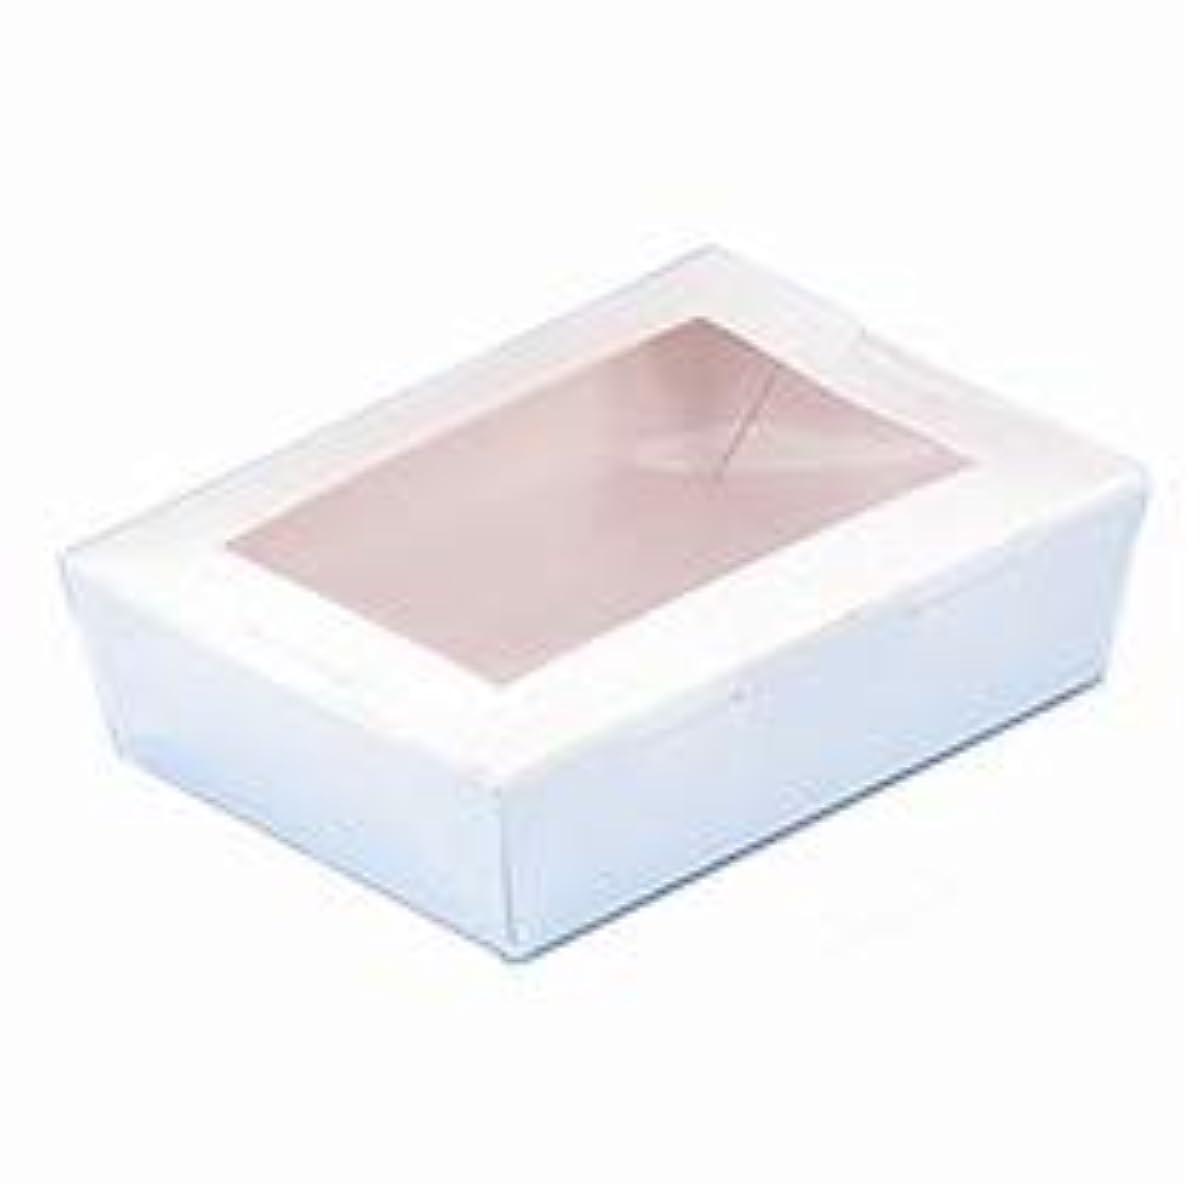 不条理粒ウェイトレス手作り石けん用 窓付きペーパーモールド XSサイズ ホワイト 1個